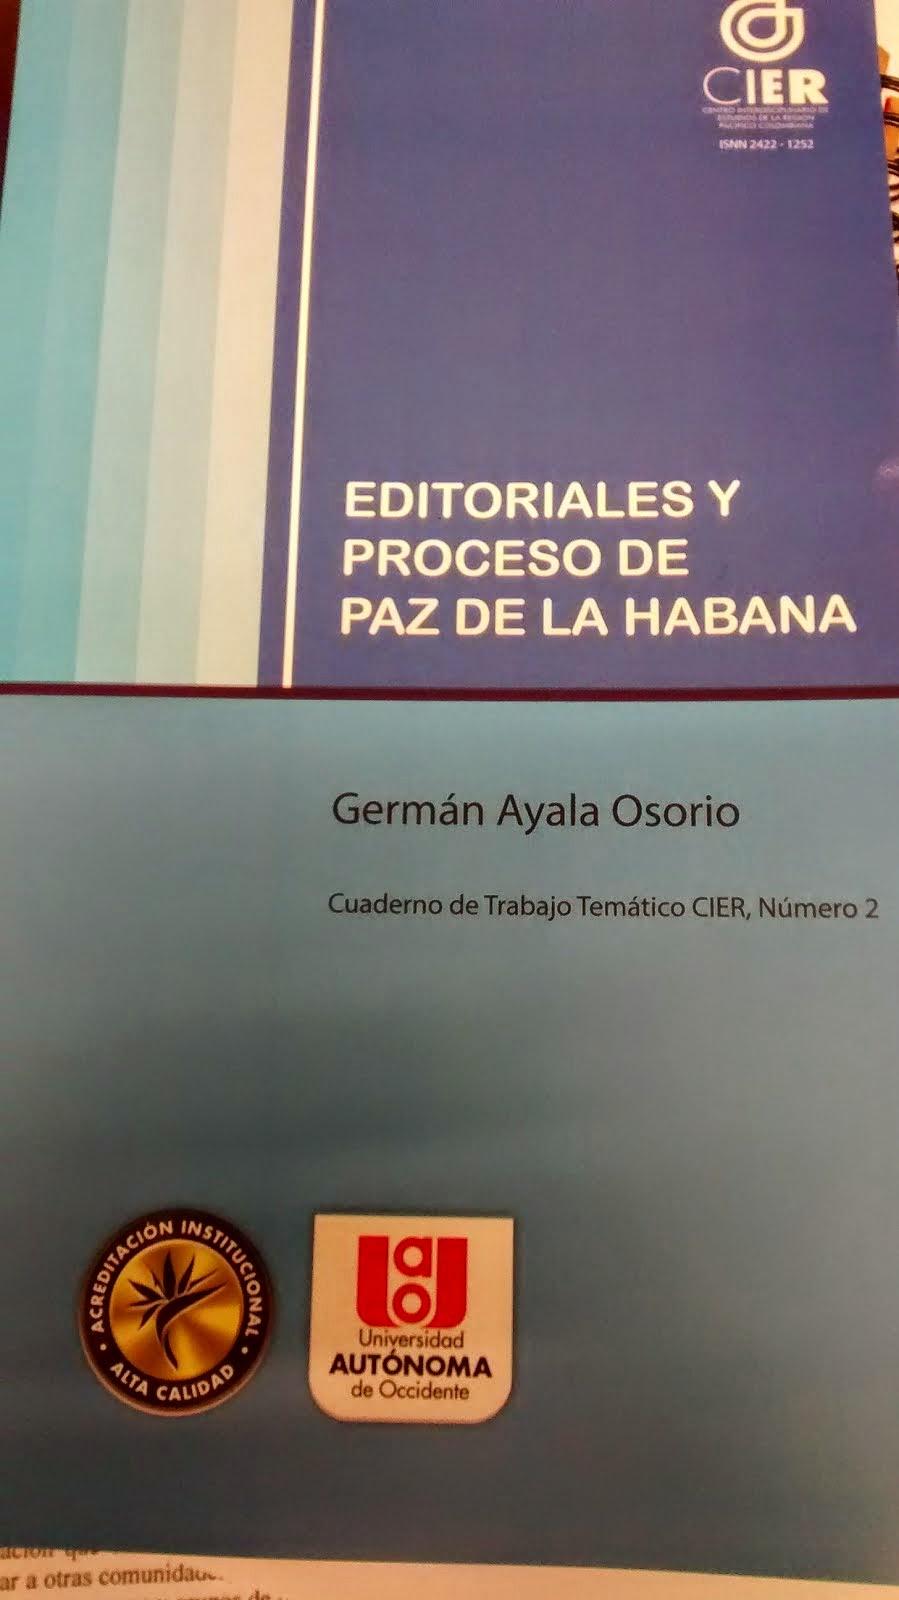 SEGUNDO CUADERNO TEMÁTICO, EDITORIALES Y PROCESO DE PAZ